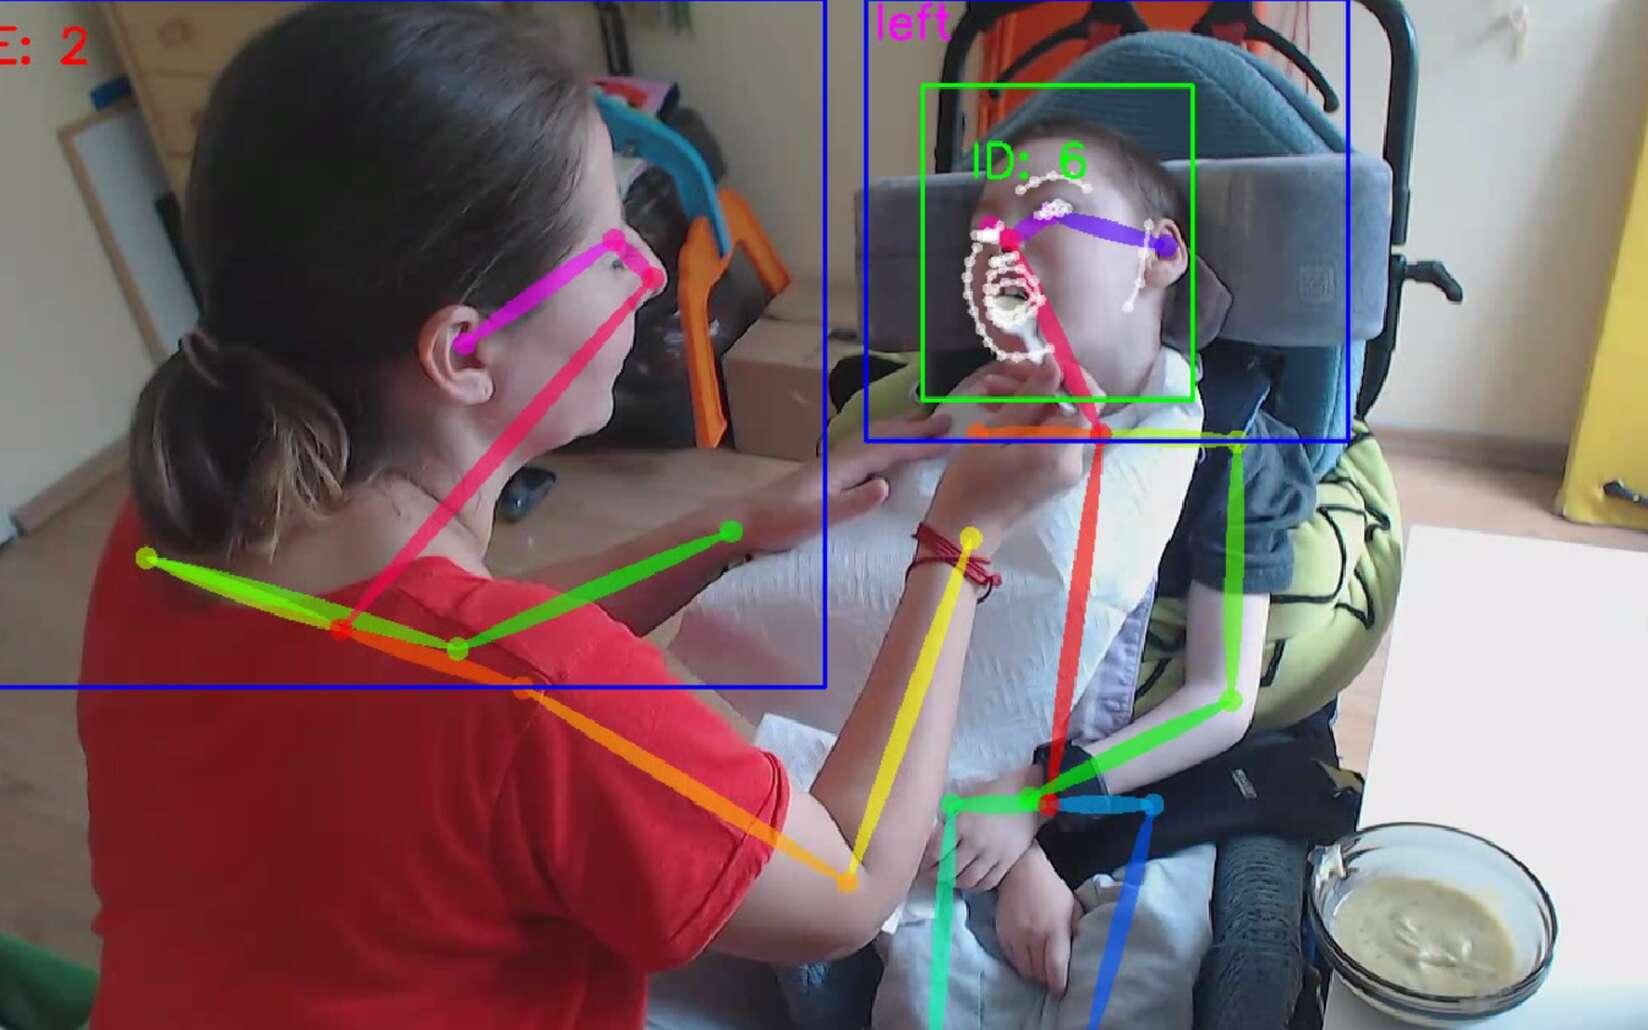 Le logiciel est doté d'un système de reconnaissance visuelle qui permet d'identifier et d'interpréter les subtiles expressions de son utilisateur. © Insension